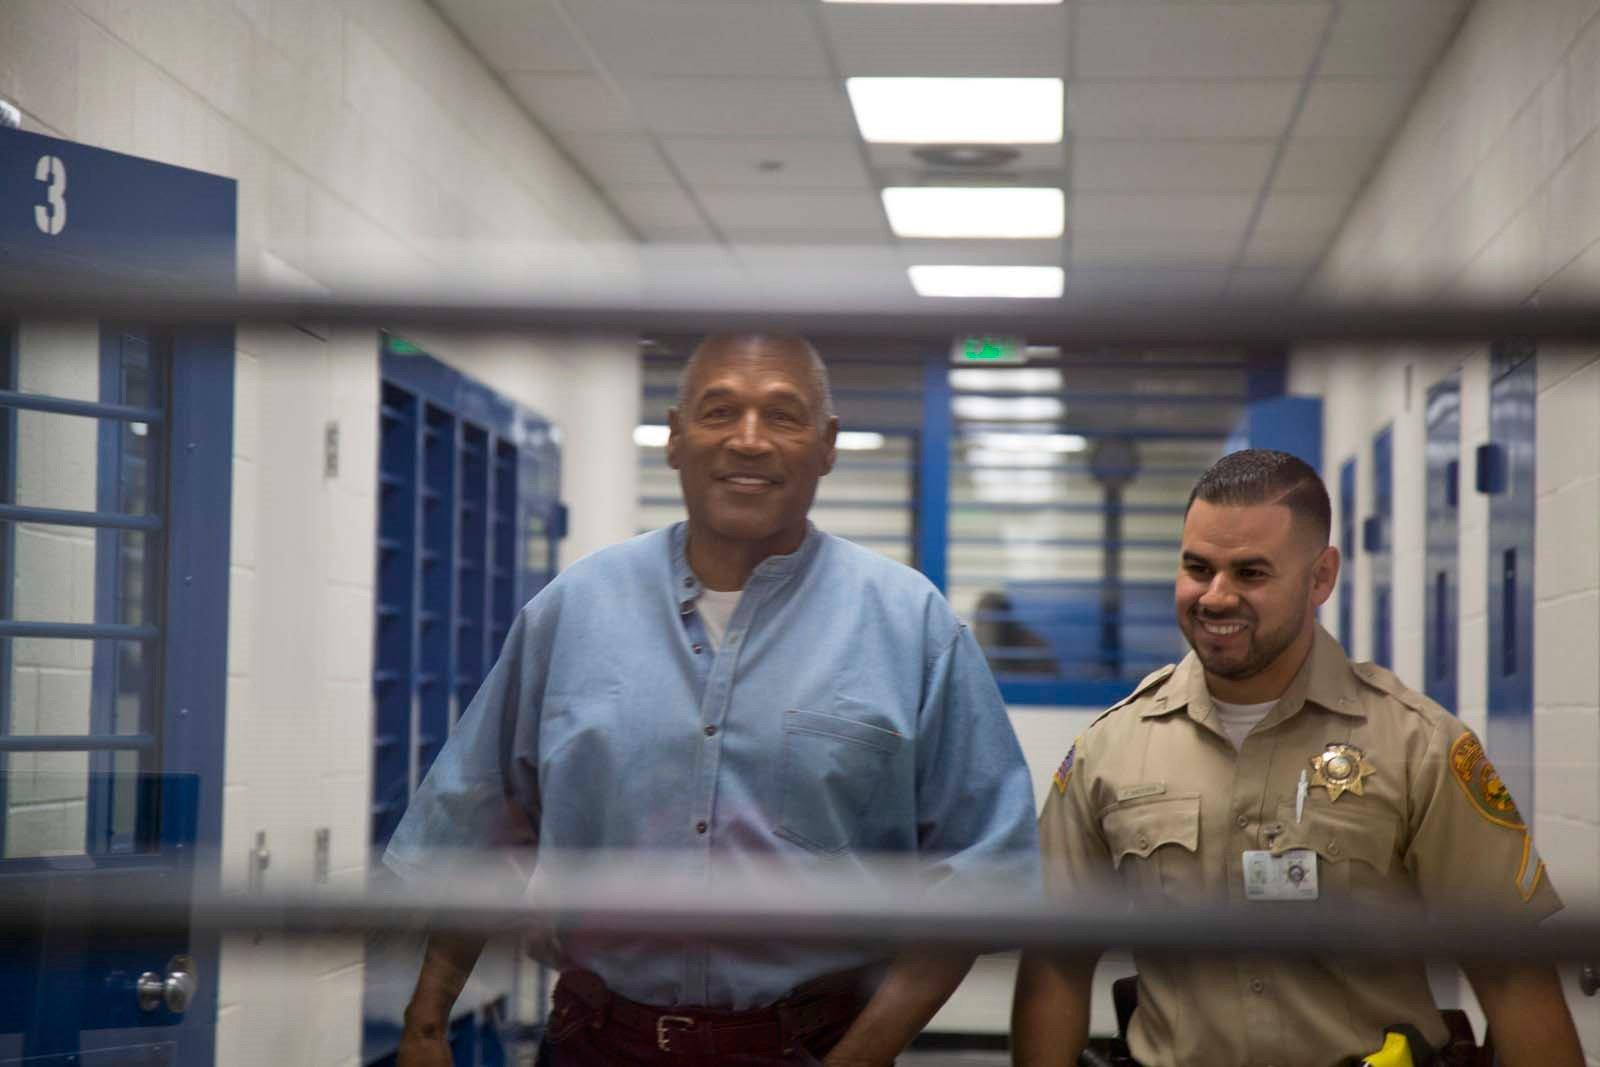 O.J. Simpson at a facility on the day of his parole hearing on July 20, 2017.  (Sholeh L. Moll-Masumi)